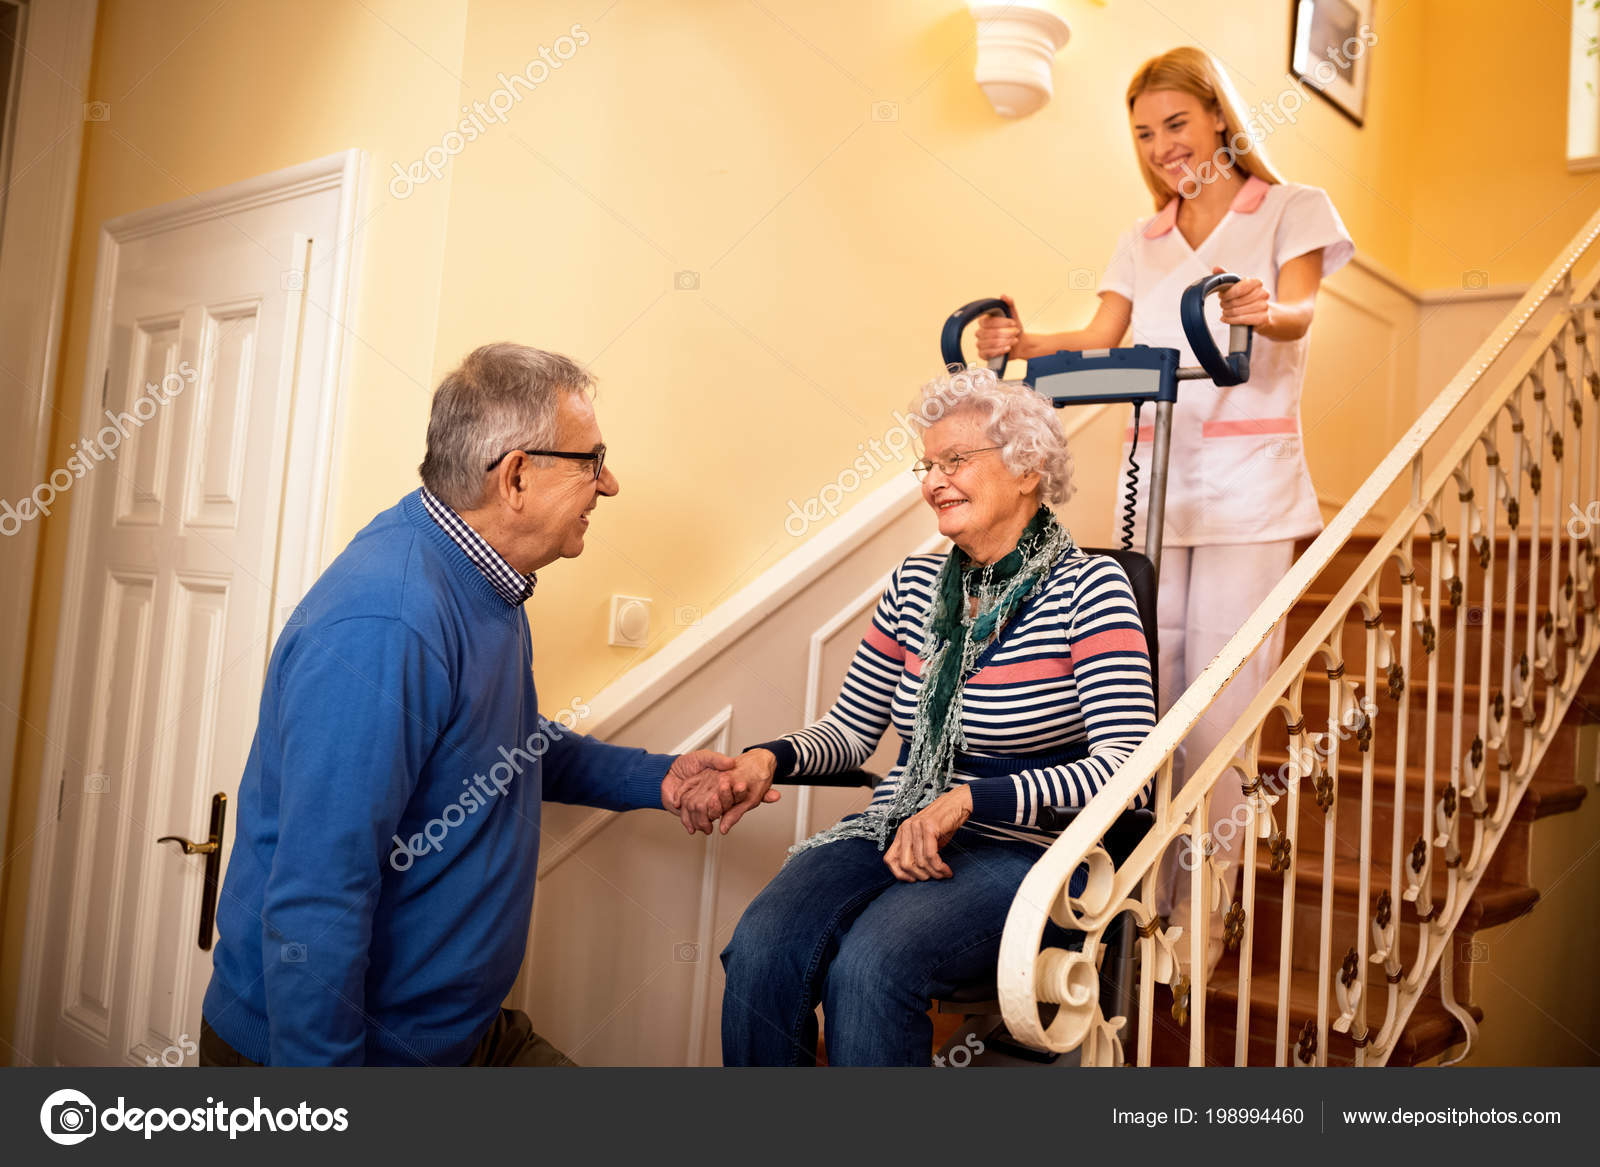 Концепция домов для престарелых дома престарелых в с петербурге с адресами